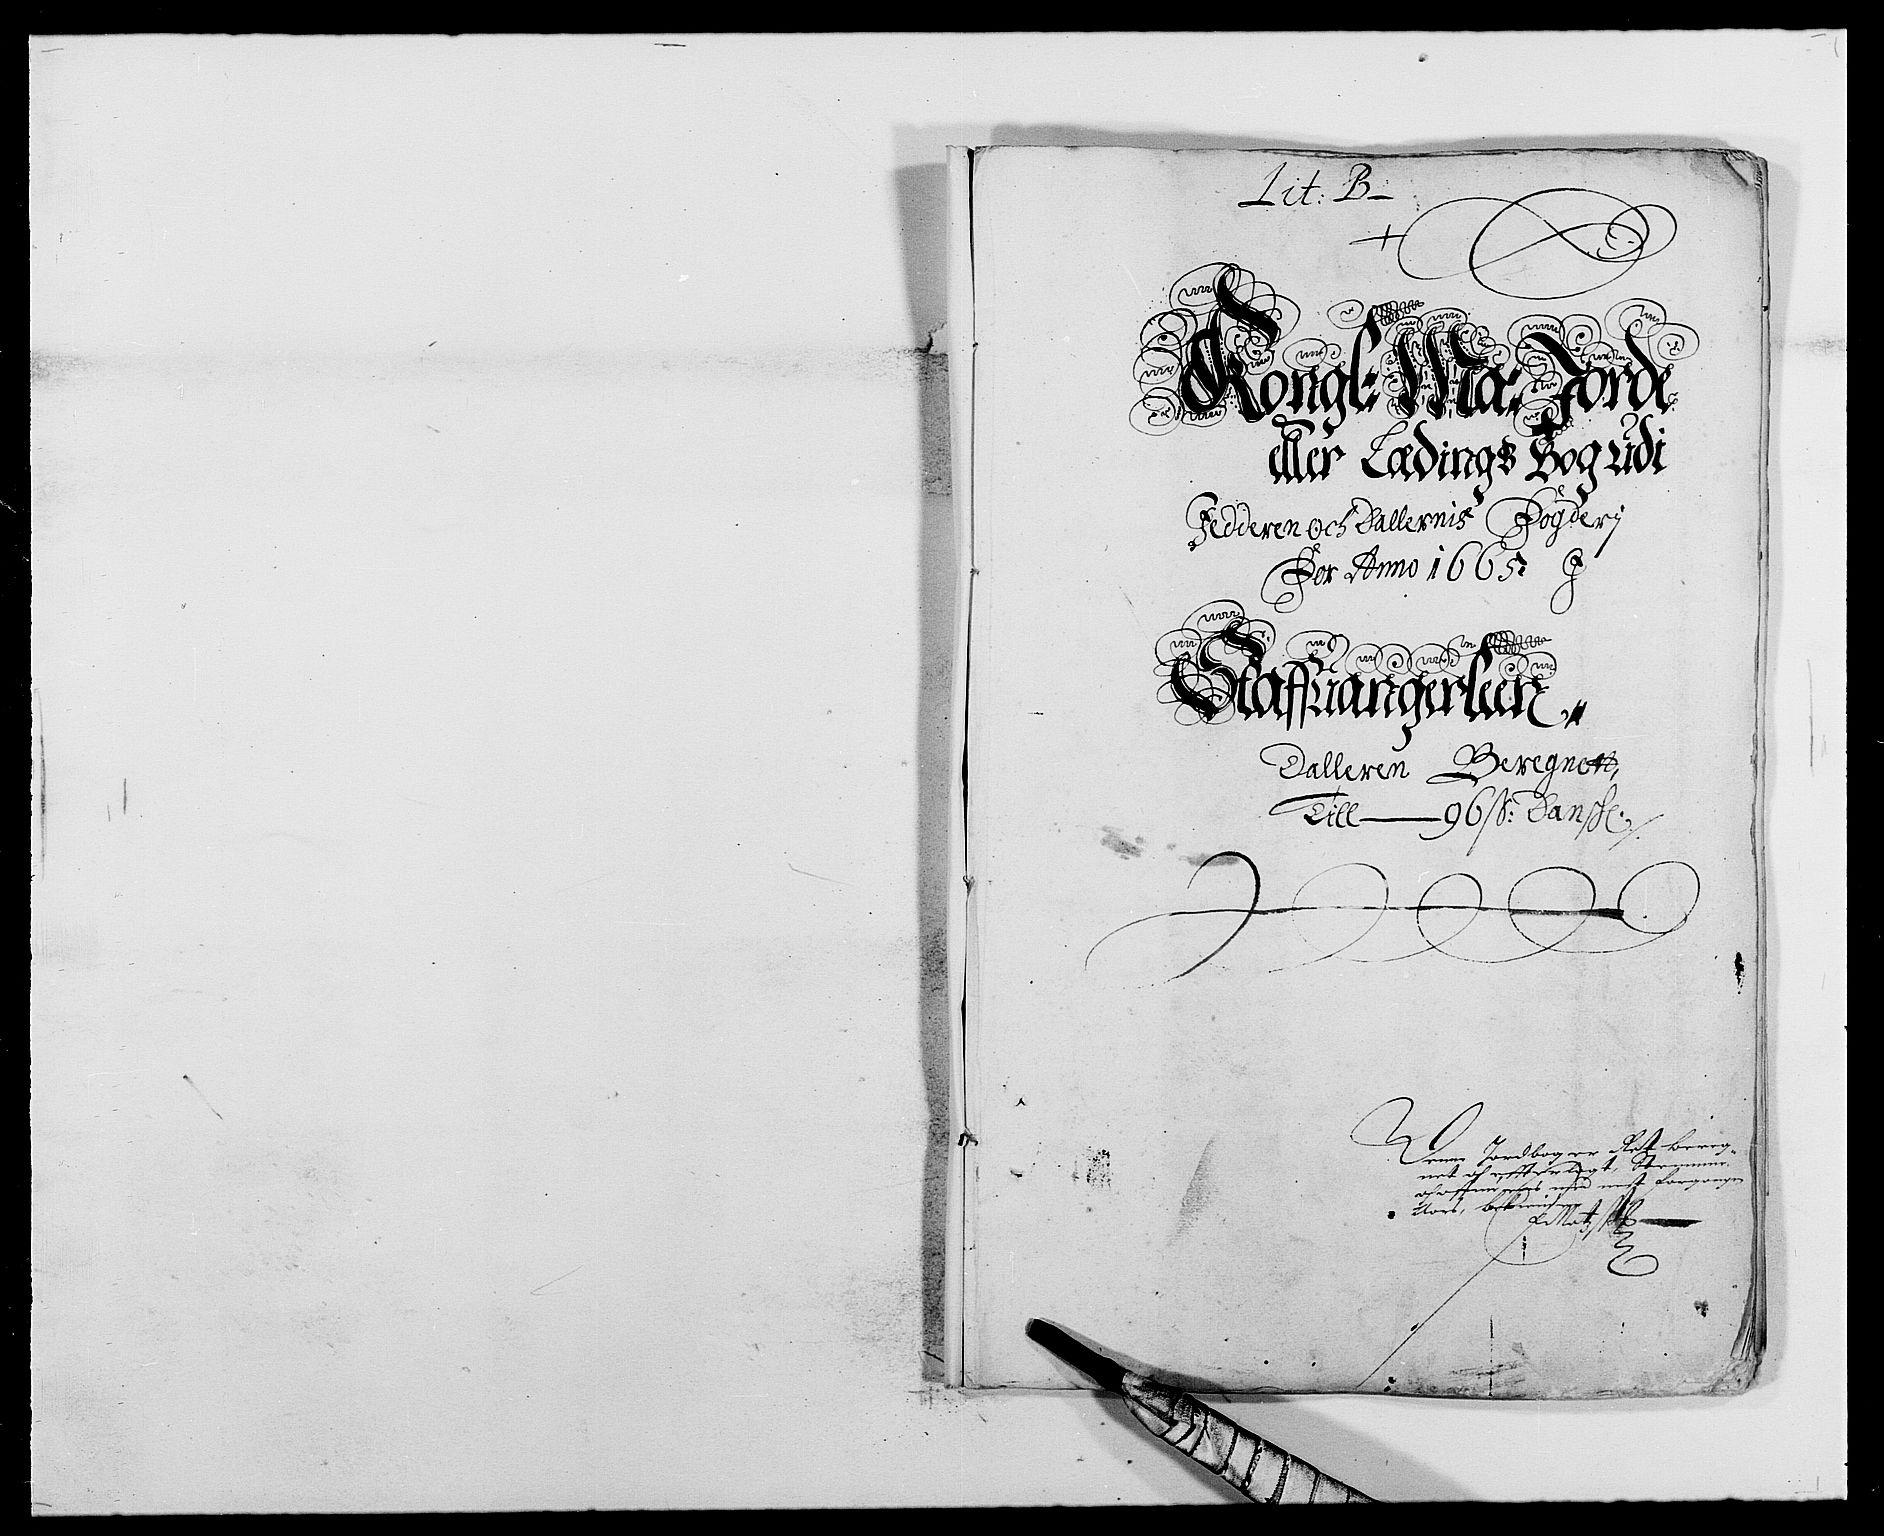 RA, Rentekammeret inntil 1814, Reviderte regnskaper, Fogderegnskap, R46/L2709: Fogderegnskap Jæren og Dalane, 1665-1667, s. 19